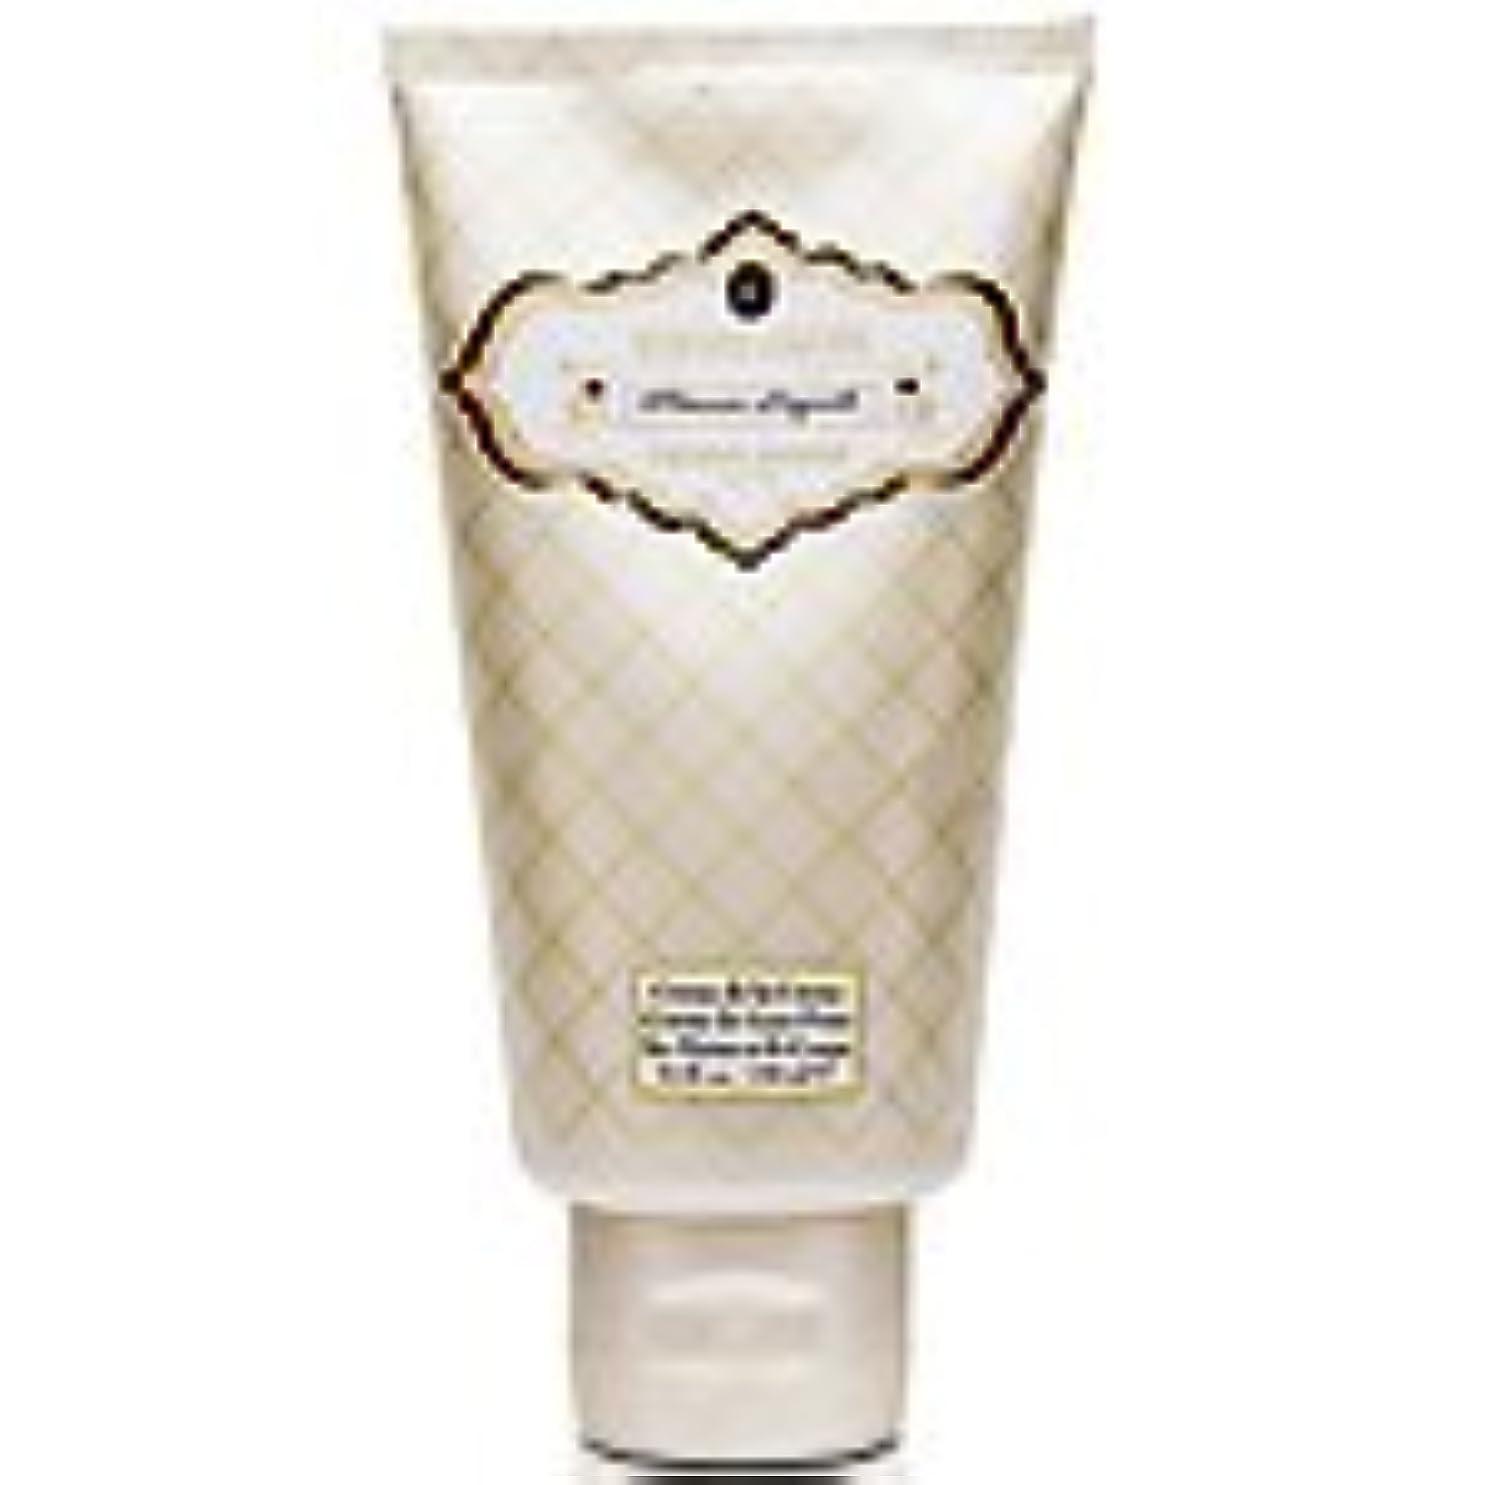 社員トリッキー太いMemoire Liquide Reserve - Encens Liquide (メモワールリキッドリザーブ - エンセンスリキッド) 5.1 oz (153ml) Body Cream for Unisex